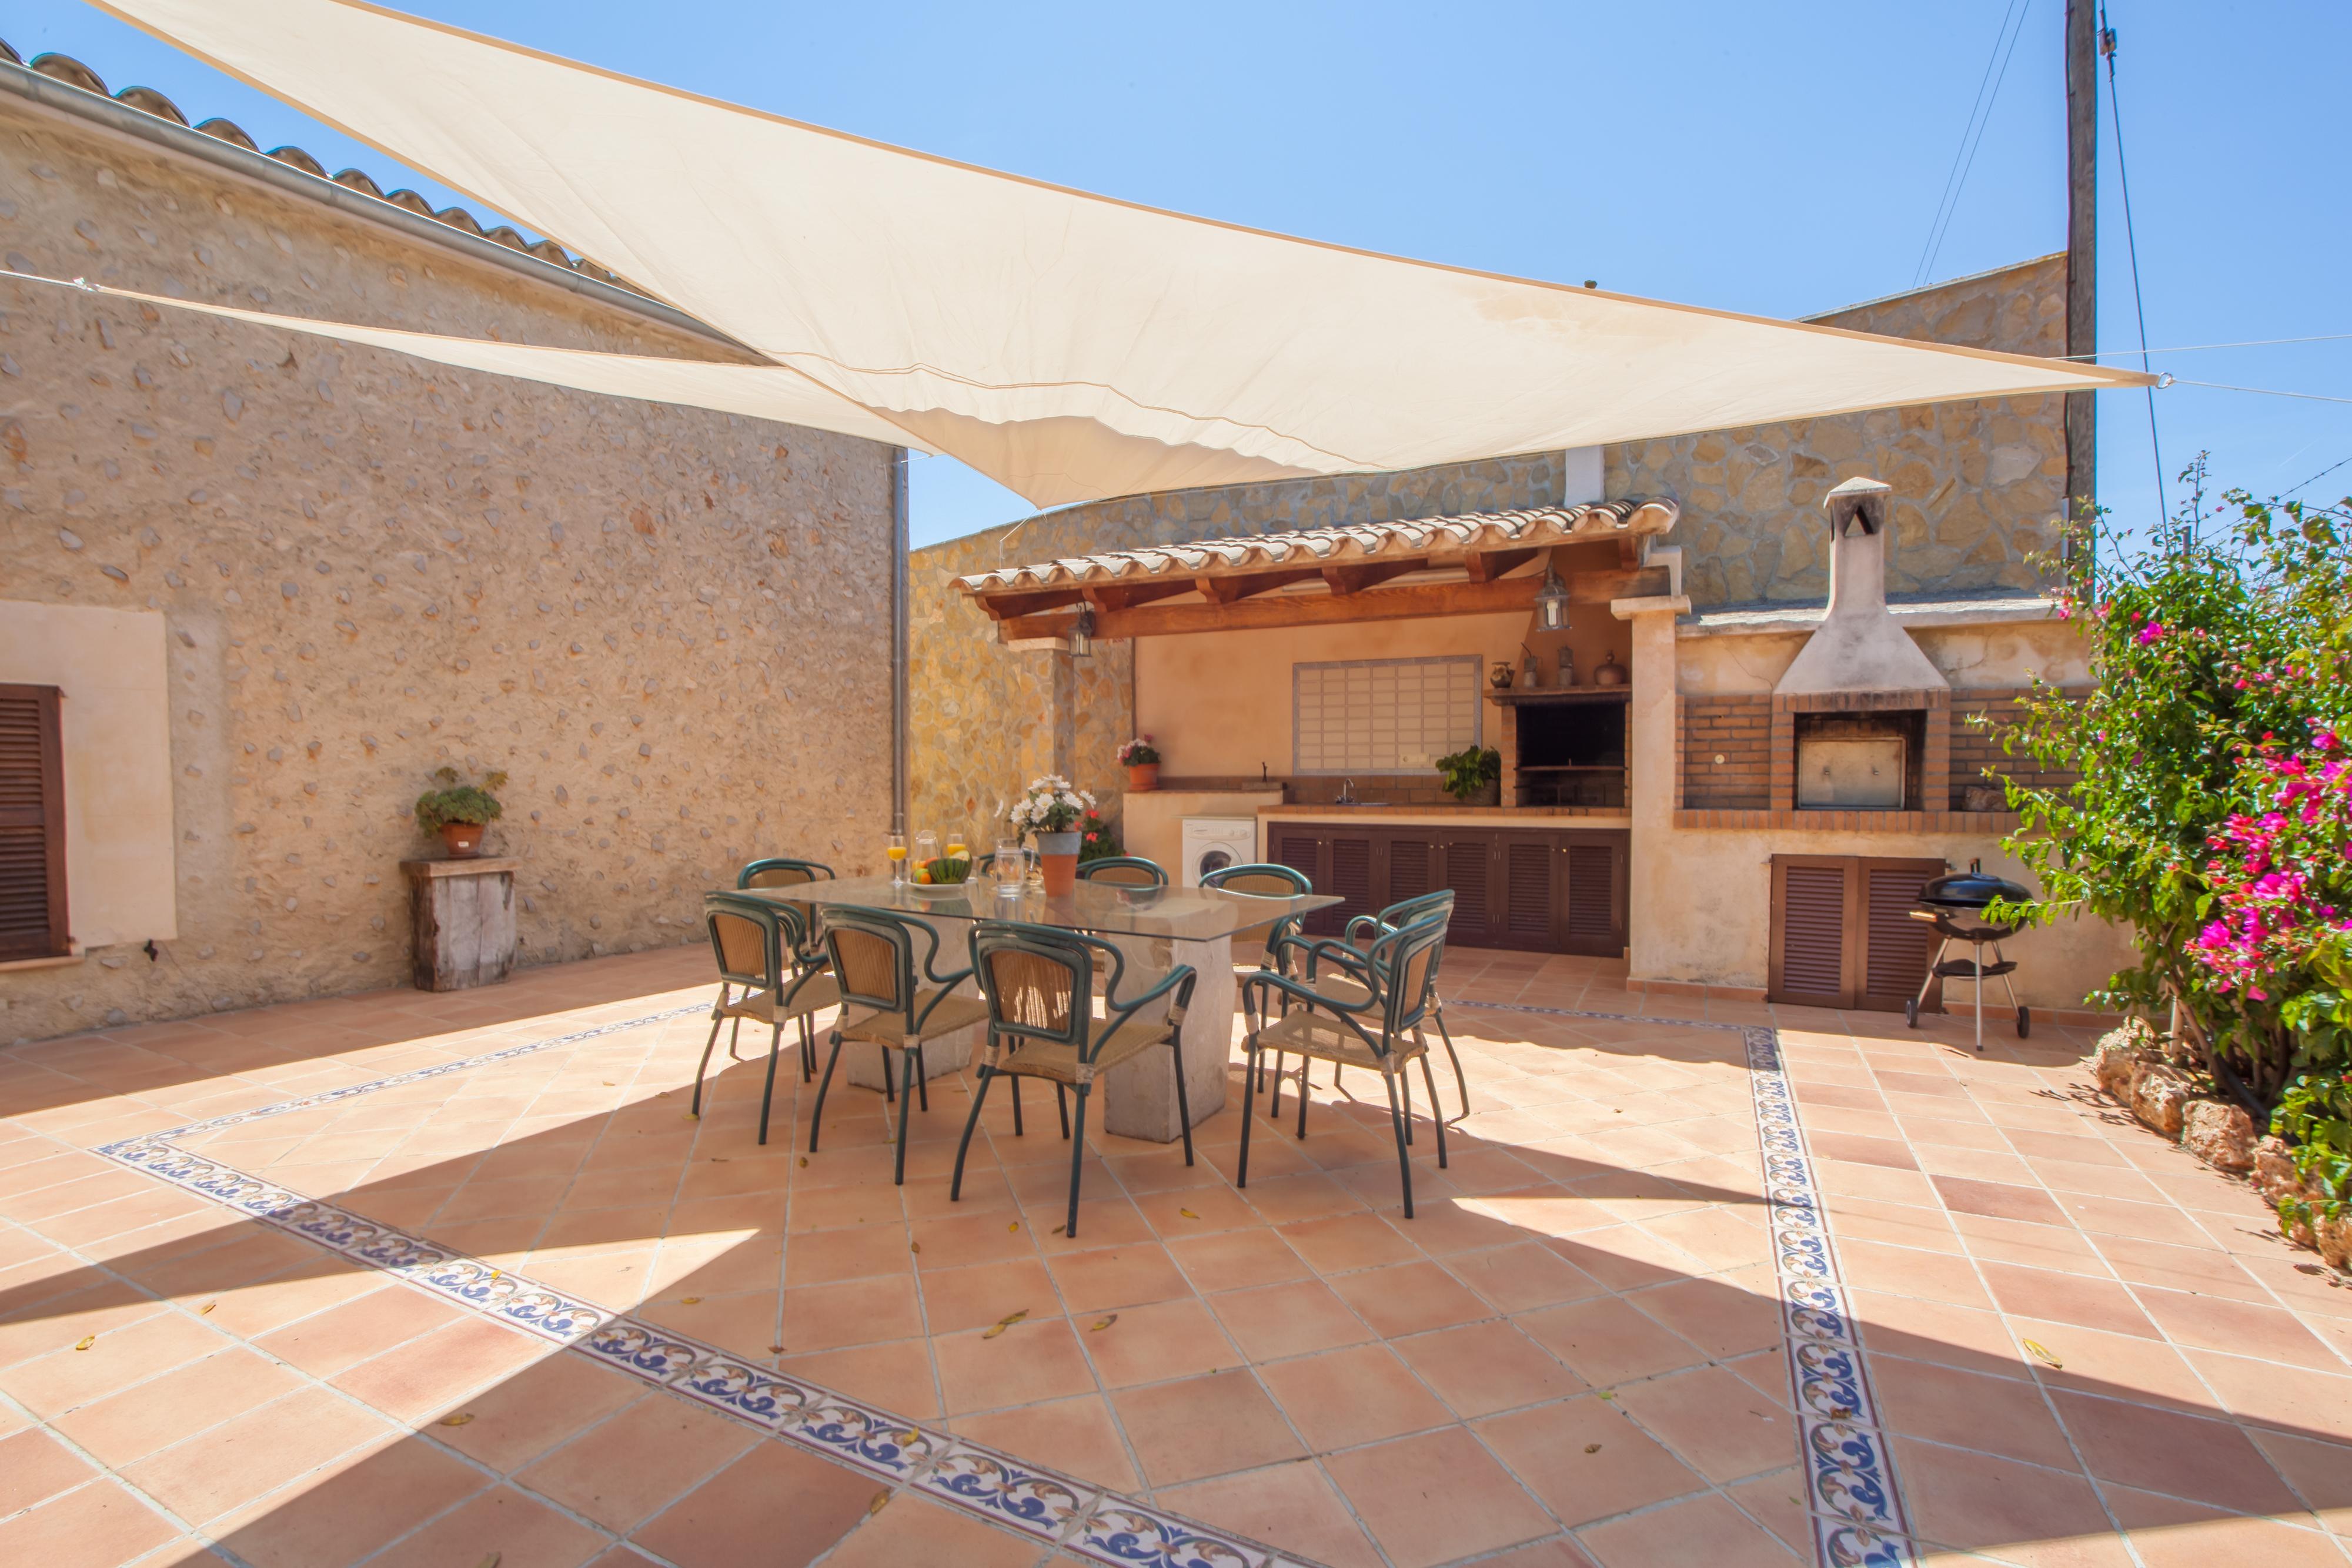 Ferienhaus ES LLORER DE CAS CANAR (1857007), Sencelles, Mallorca, Balearische Inseln, Spanien, Bild 7